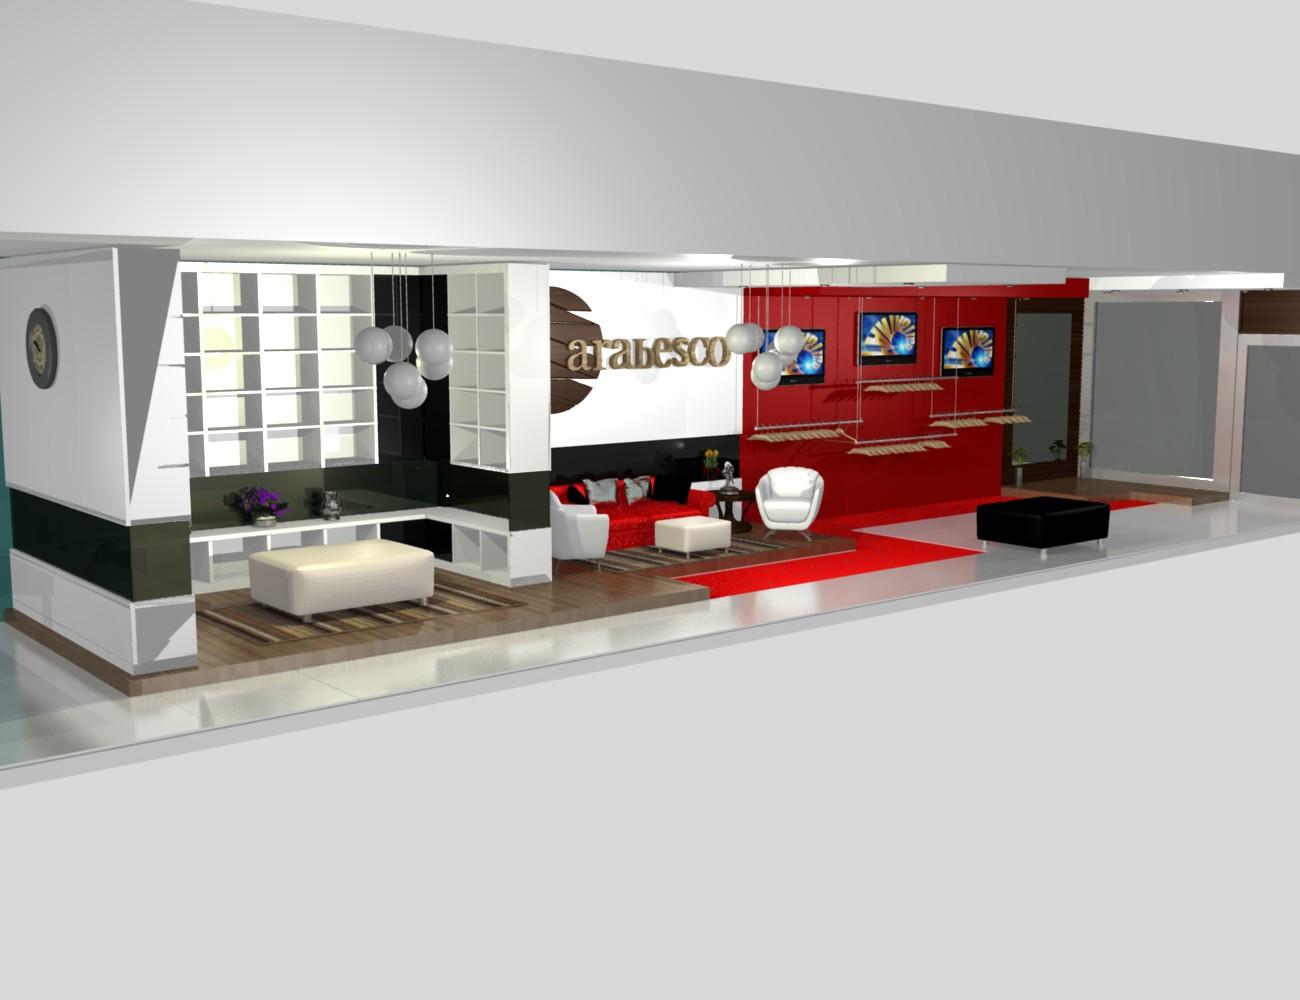 #B91212  PROJETOS (11) 3976 8616: móveis loja projetos modernos Shopping 1300x1000 px Projetos Modernos De Cozinha #839 imagens